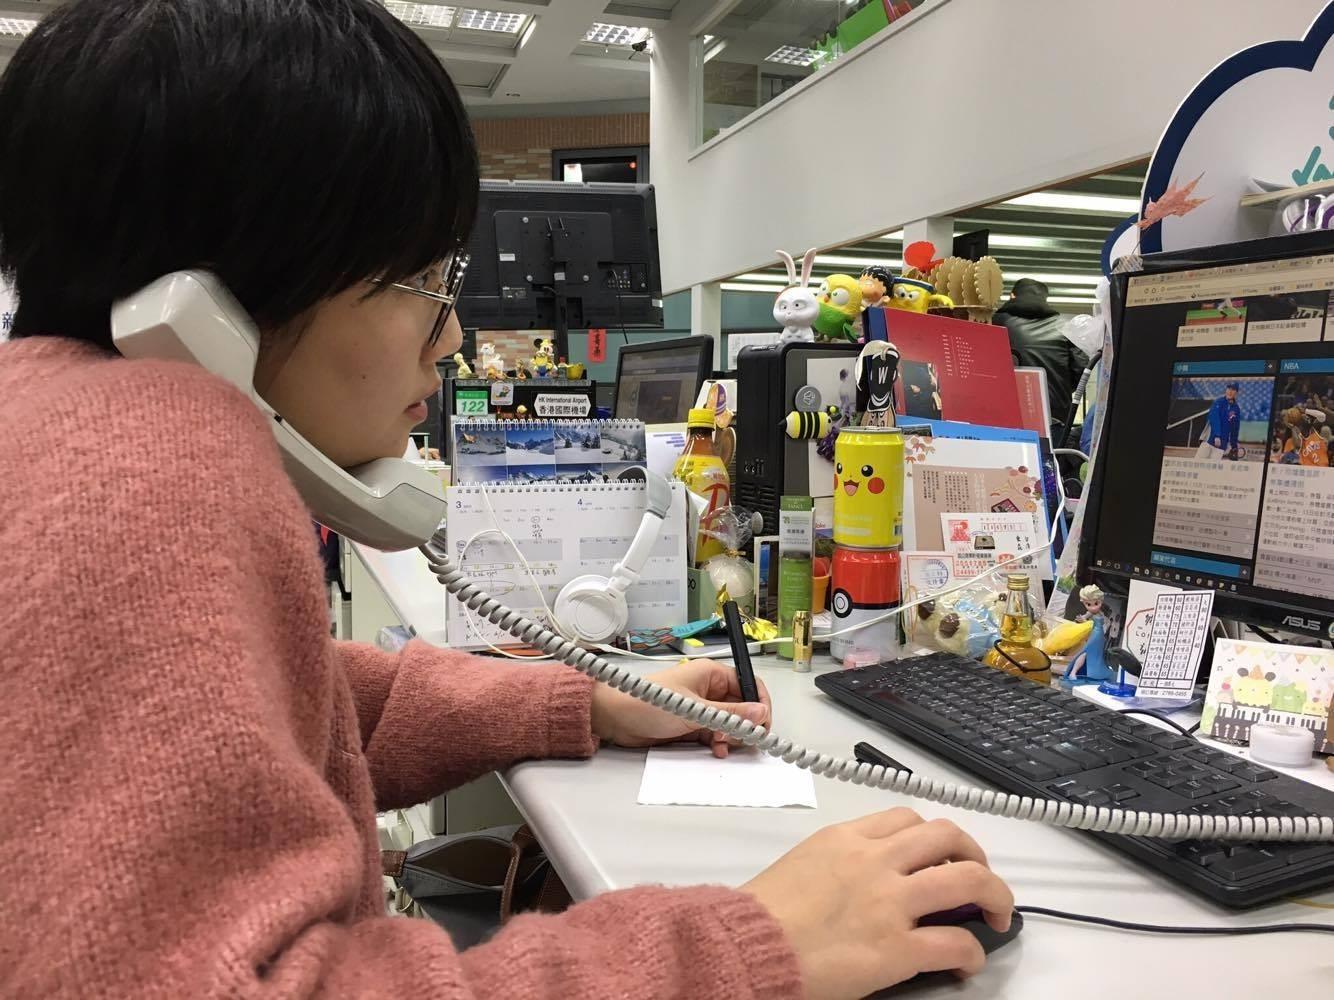 忙碌,上班族,工作。(示意圖/記者李佳蓉攝)